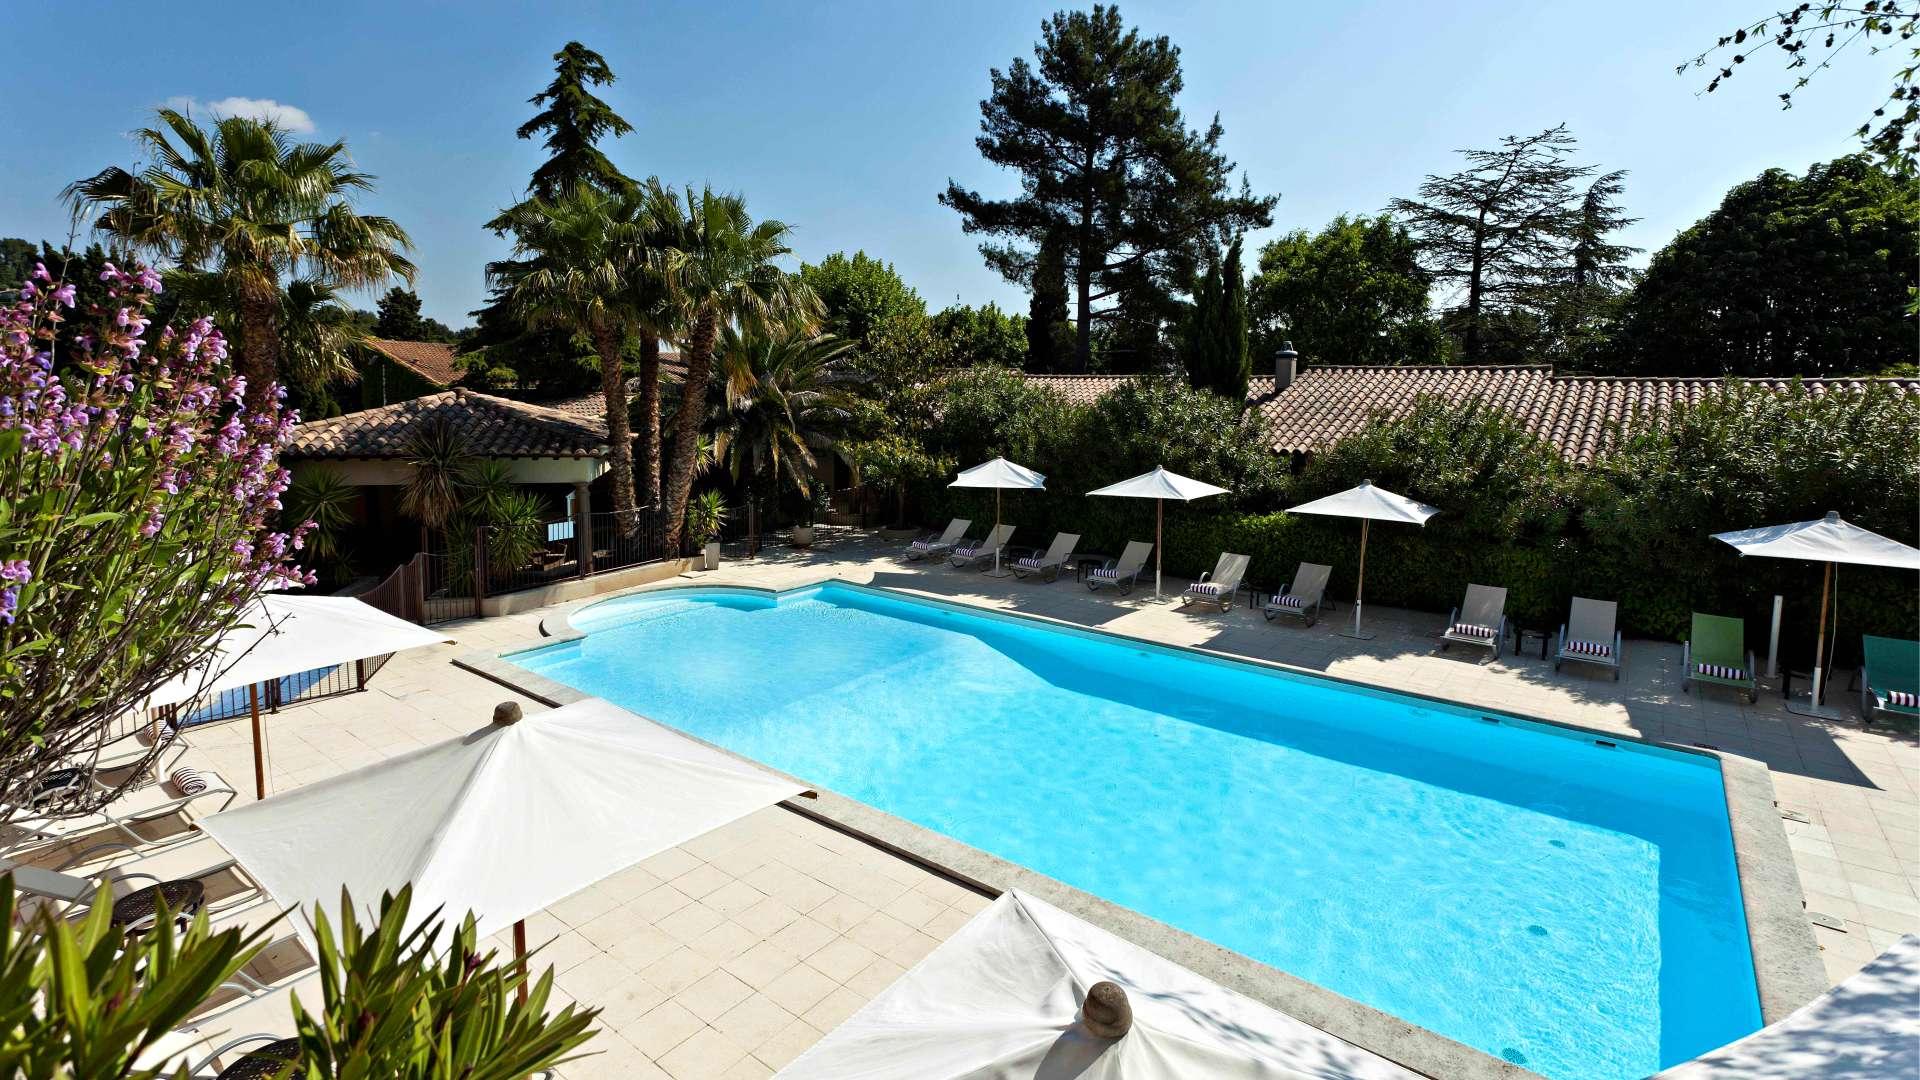 La piscine chauff e najeti h tel la magnaneraie avignon for Piscine chauffee